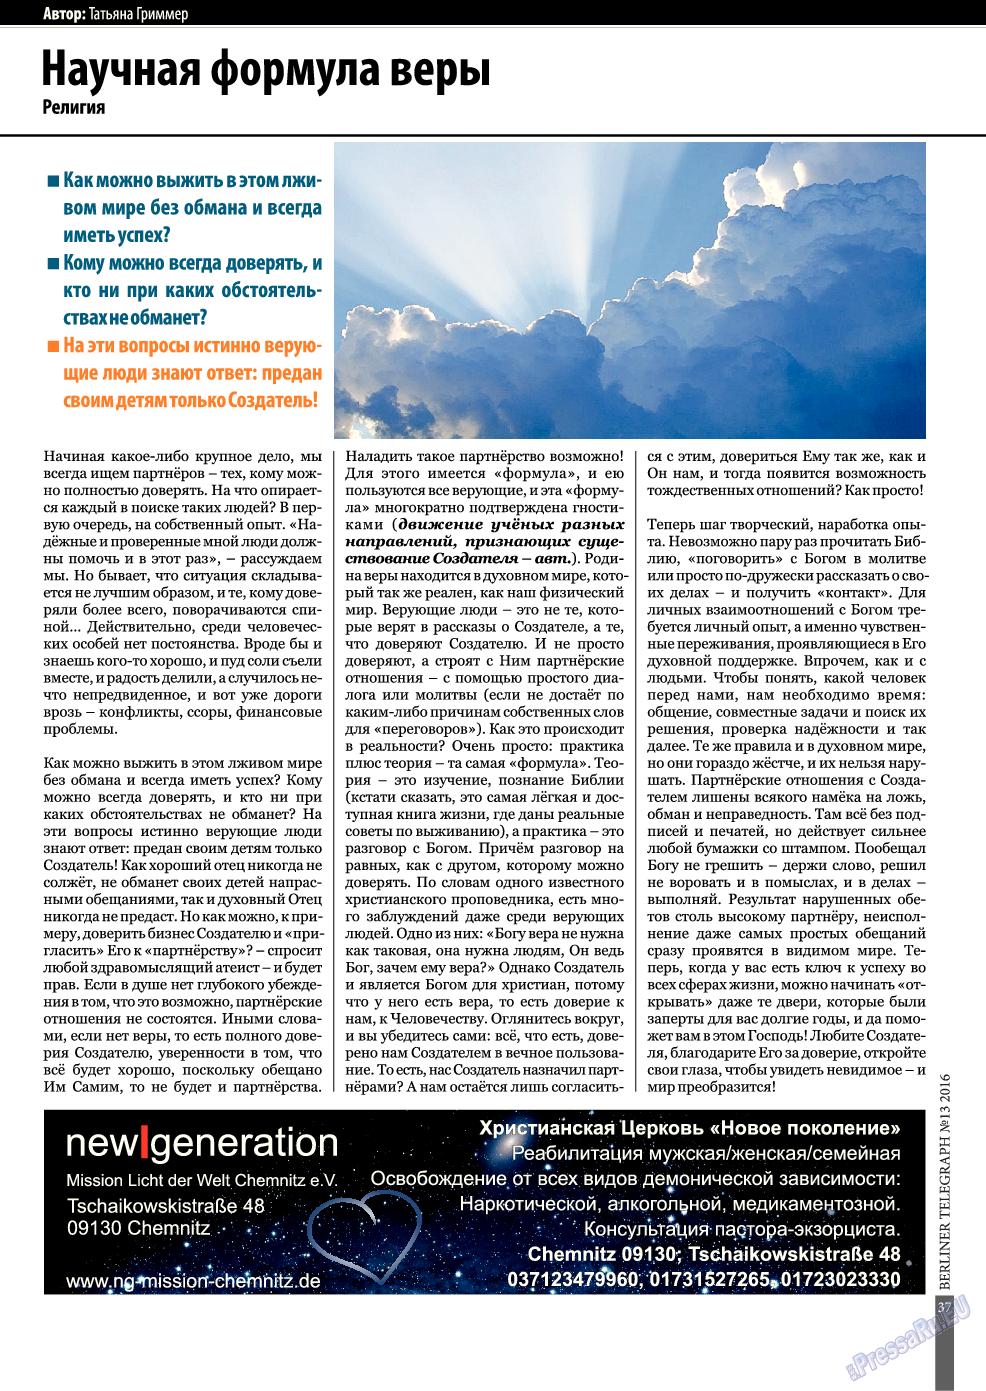 Берлинский телеграф (журнал). 2016 год, номер 13, стр. 37